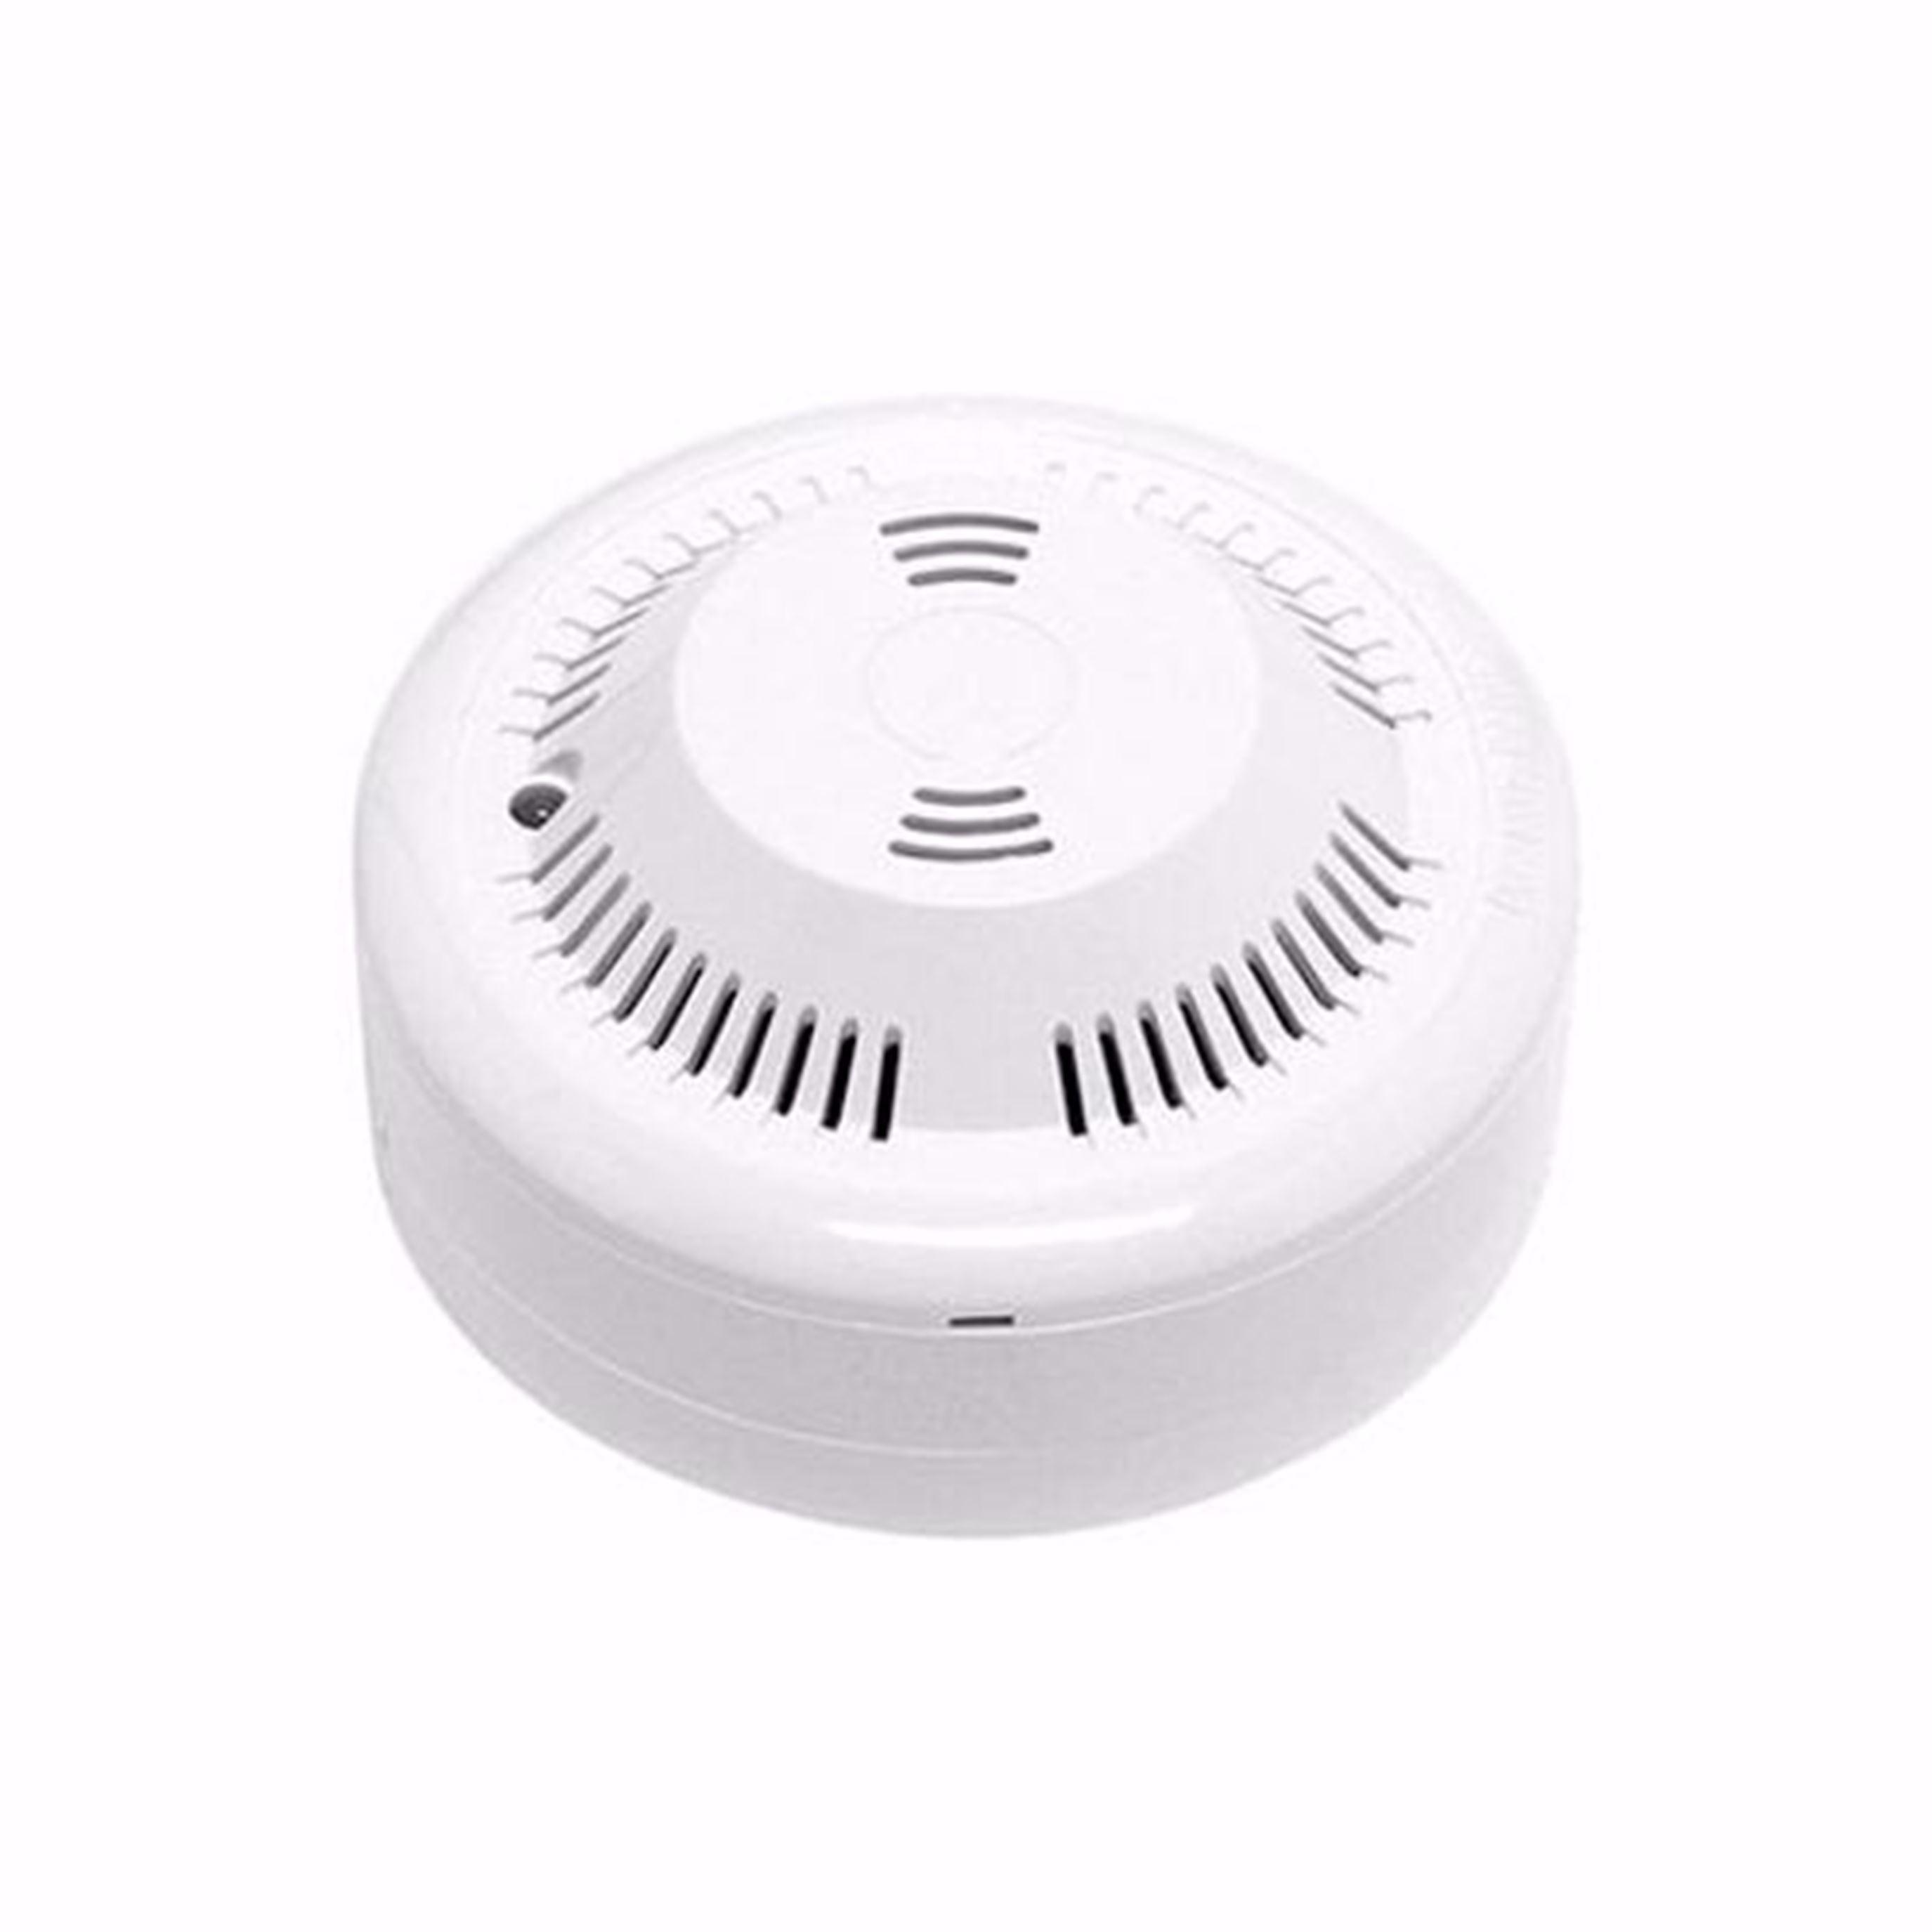 WizMart NB-983-LP Propan butan gasni detektor